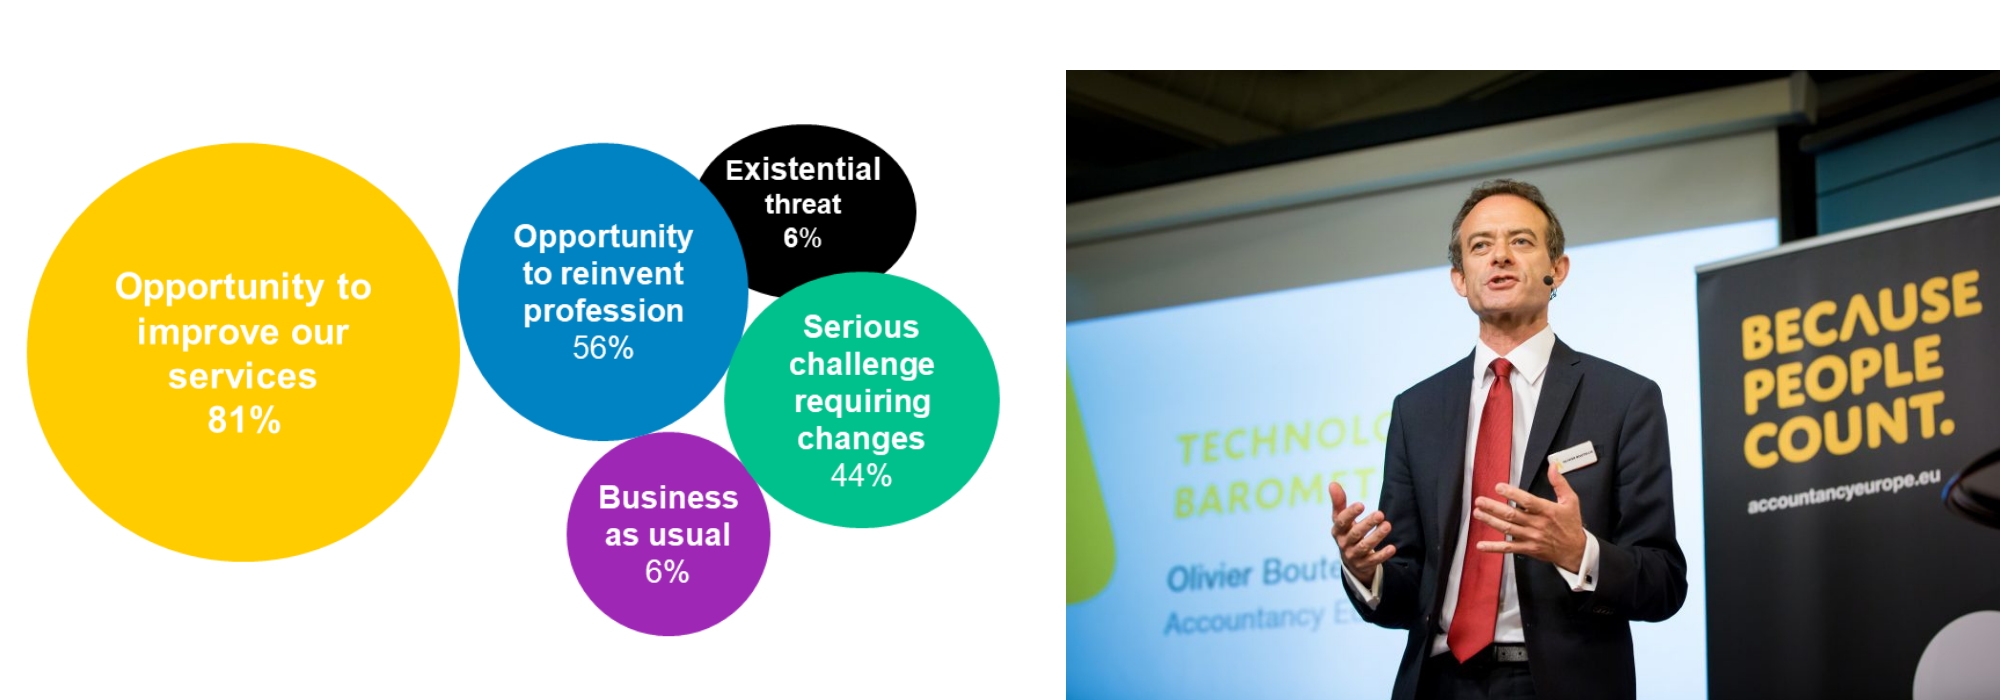 Technology Barometer Olivier Boutellis Taft